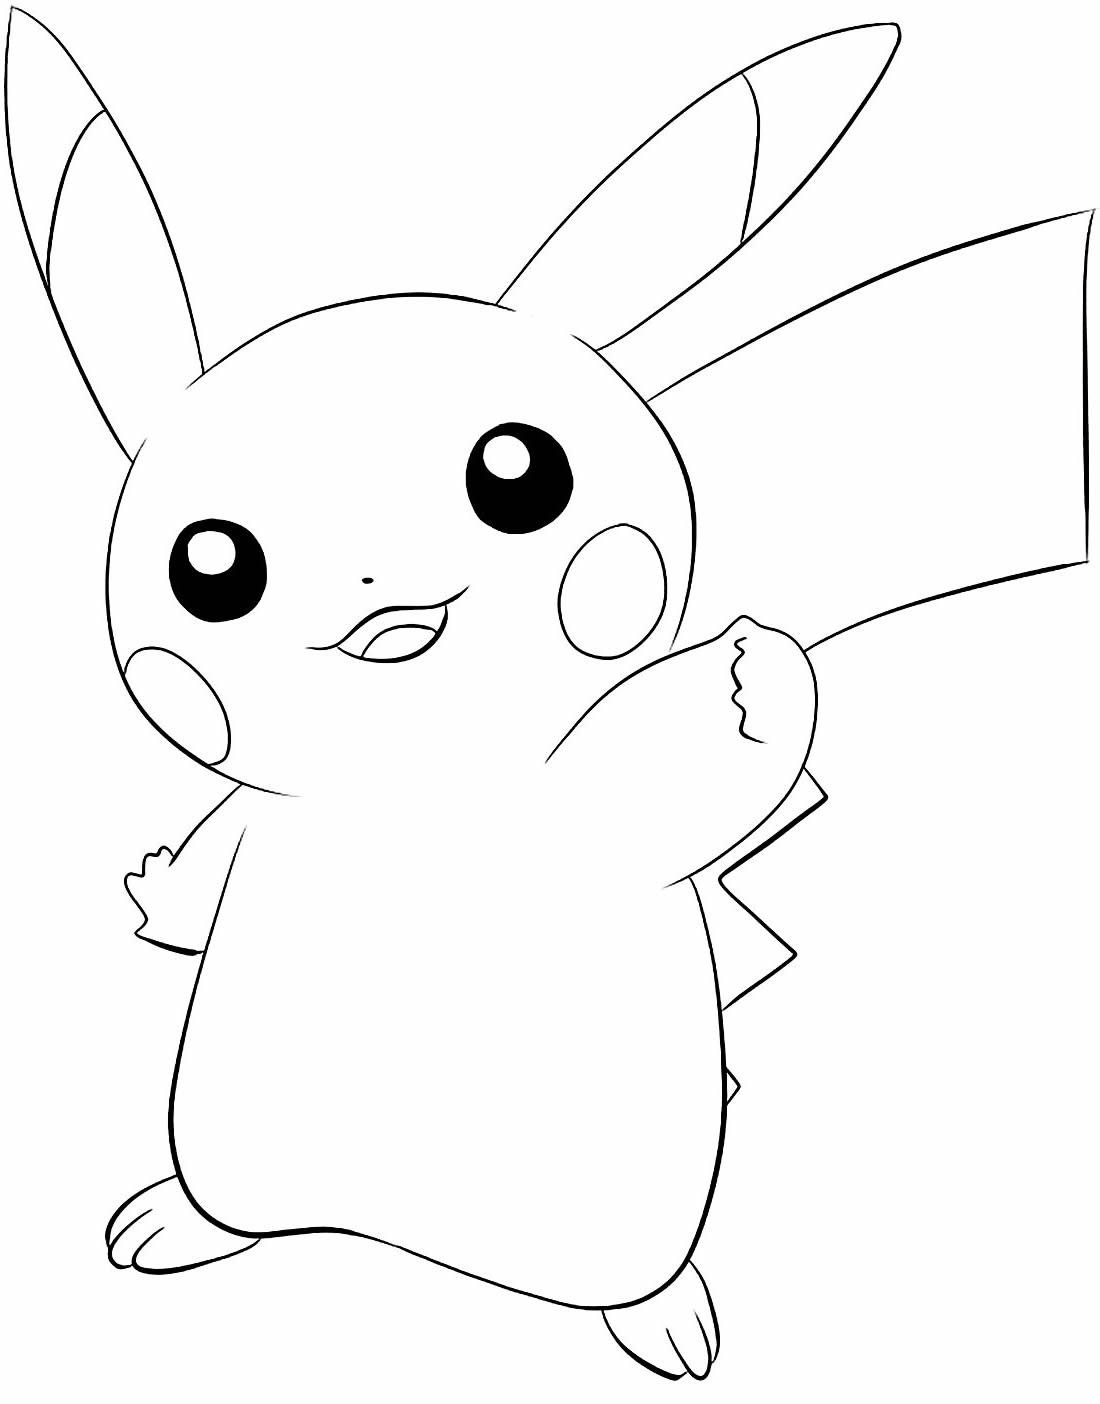 beautiful drawing by Pikachu